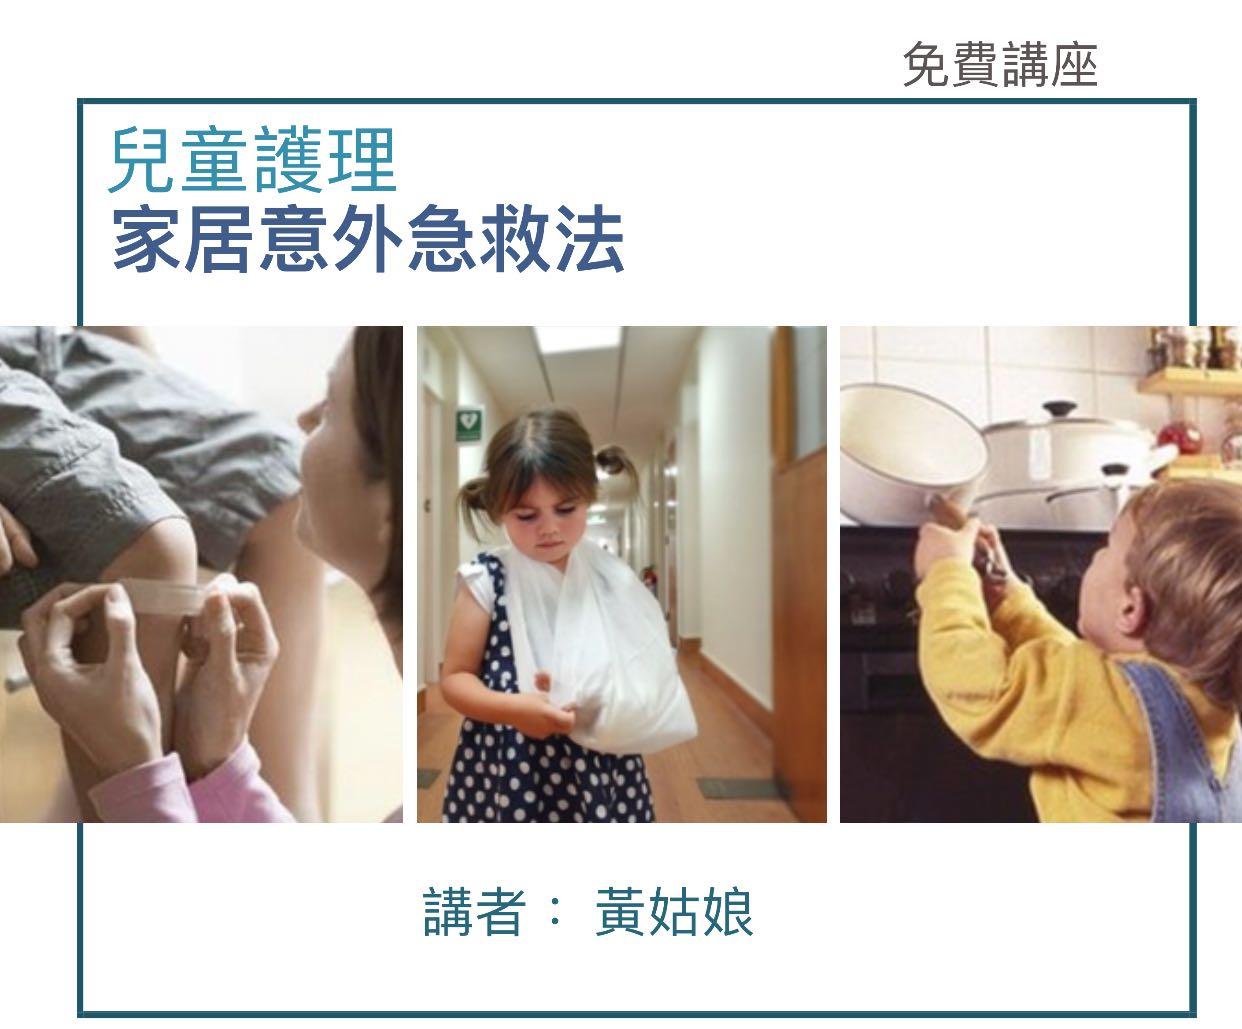 《兒童護理 - 家居意外急救法》